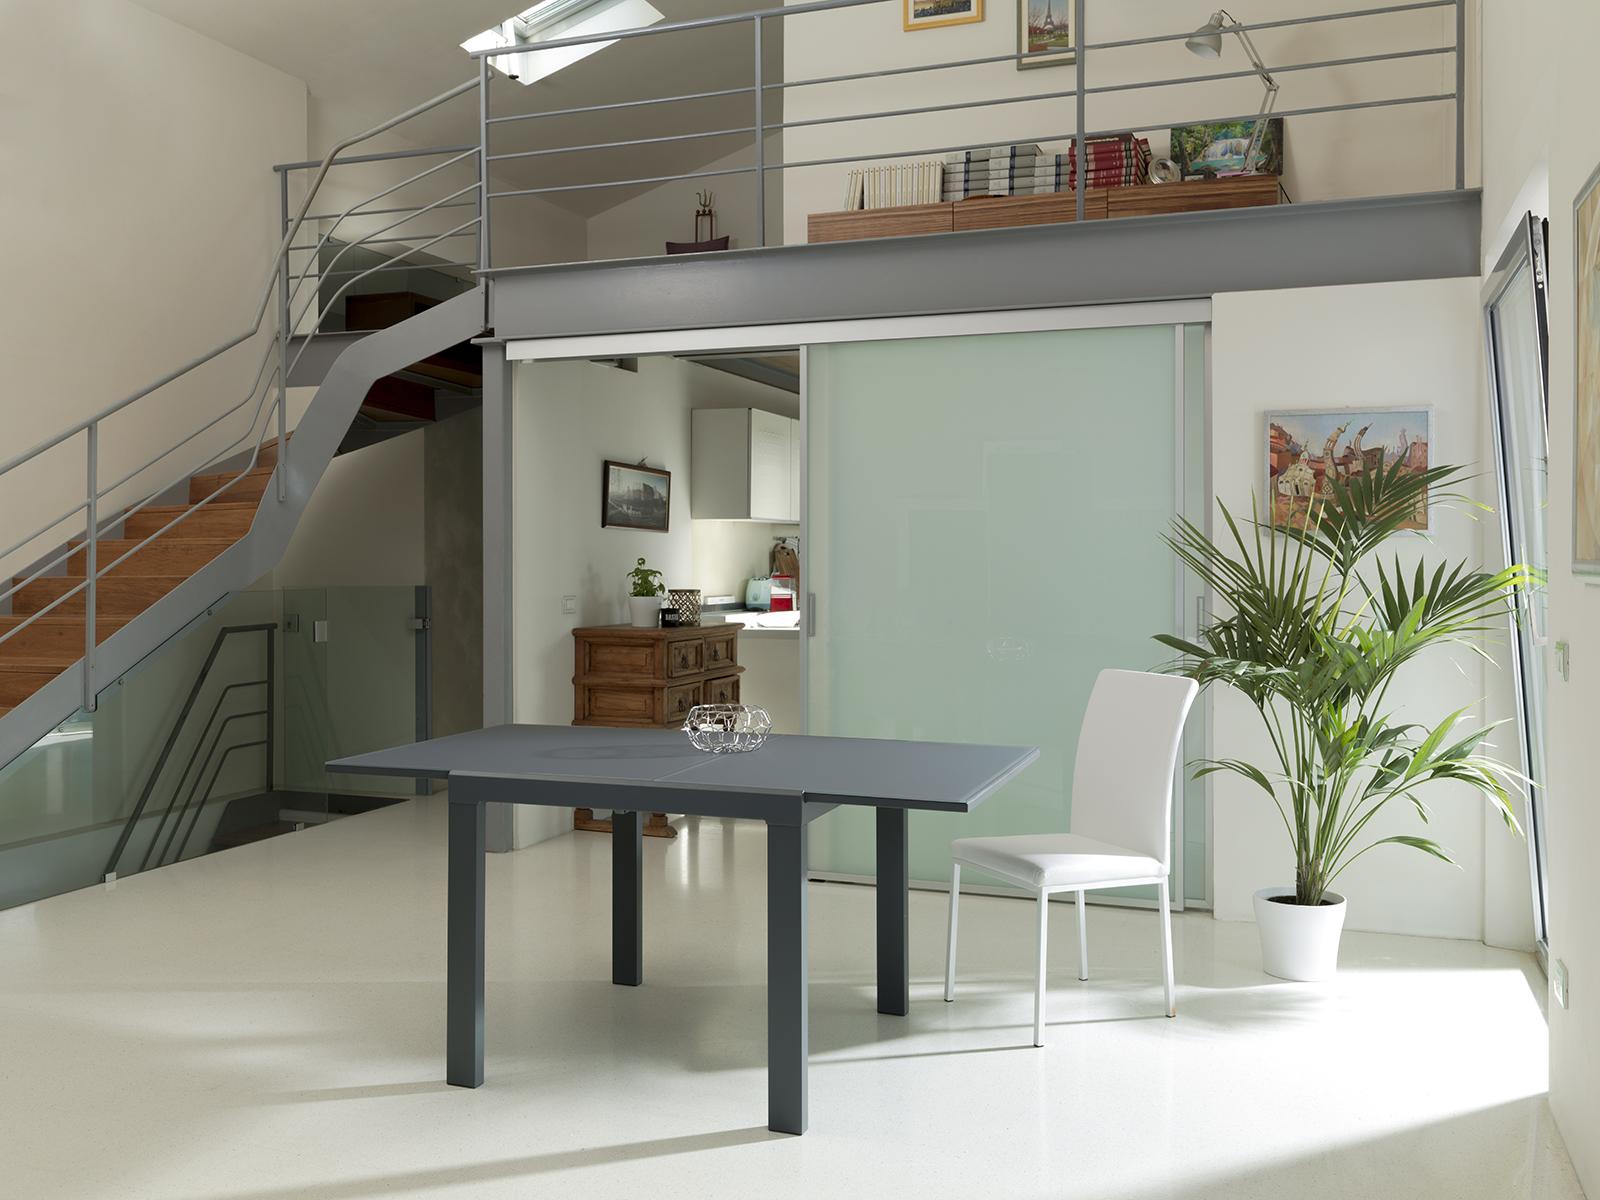 Come Dividere Sala E Cucina 5 idee per dividere soggiorno e cucina